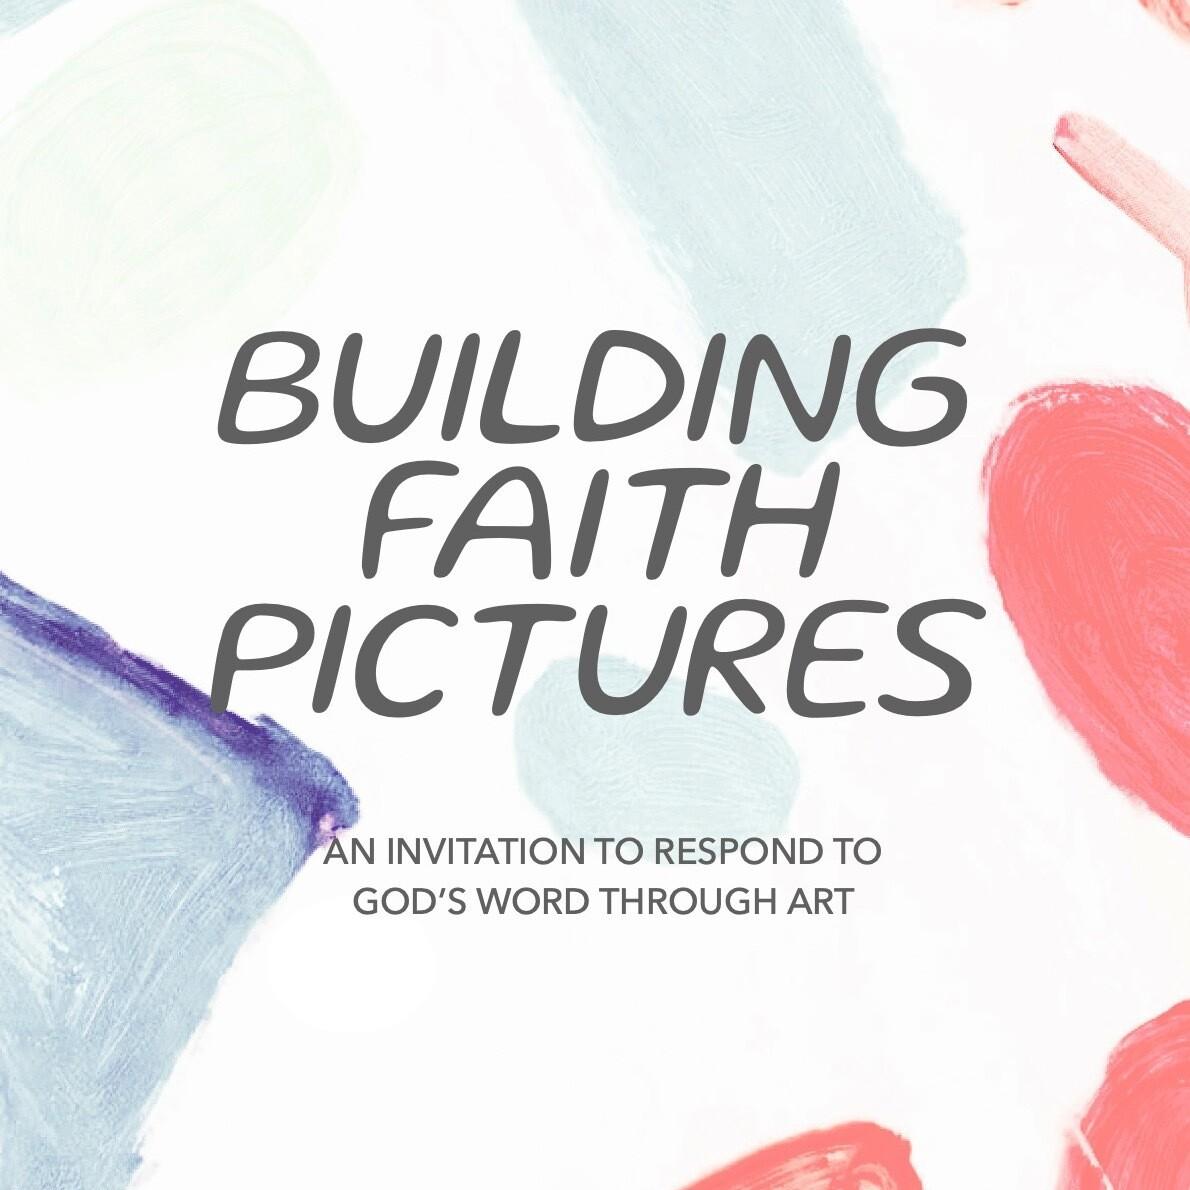 Building Faith Pictures